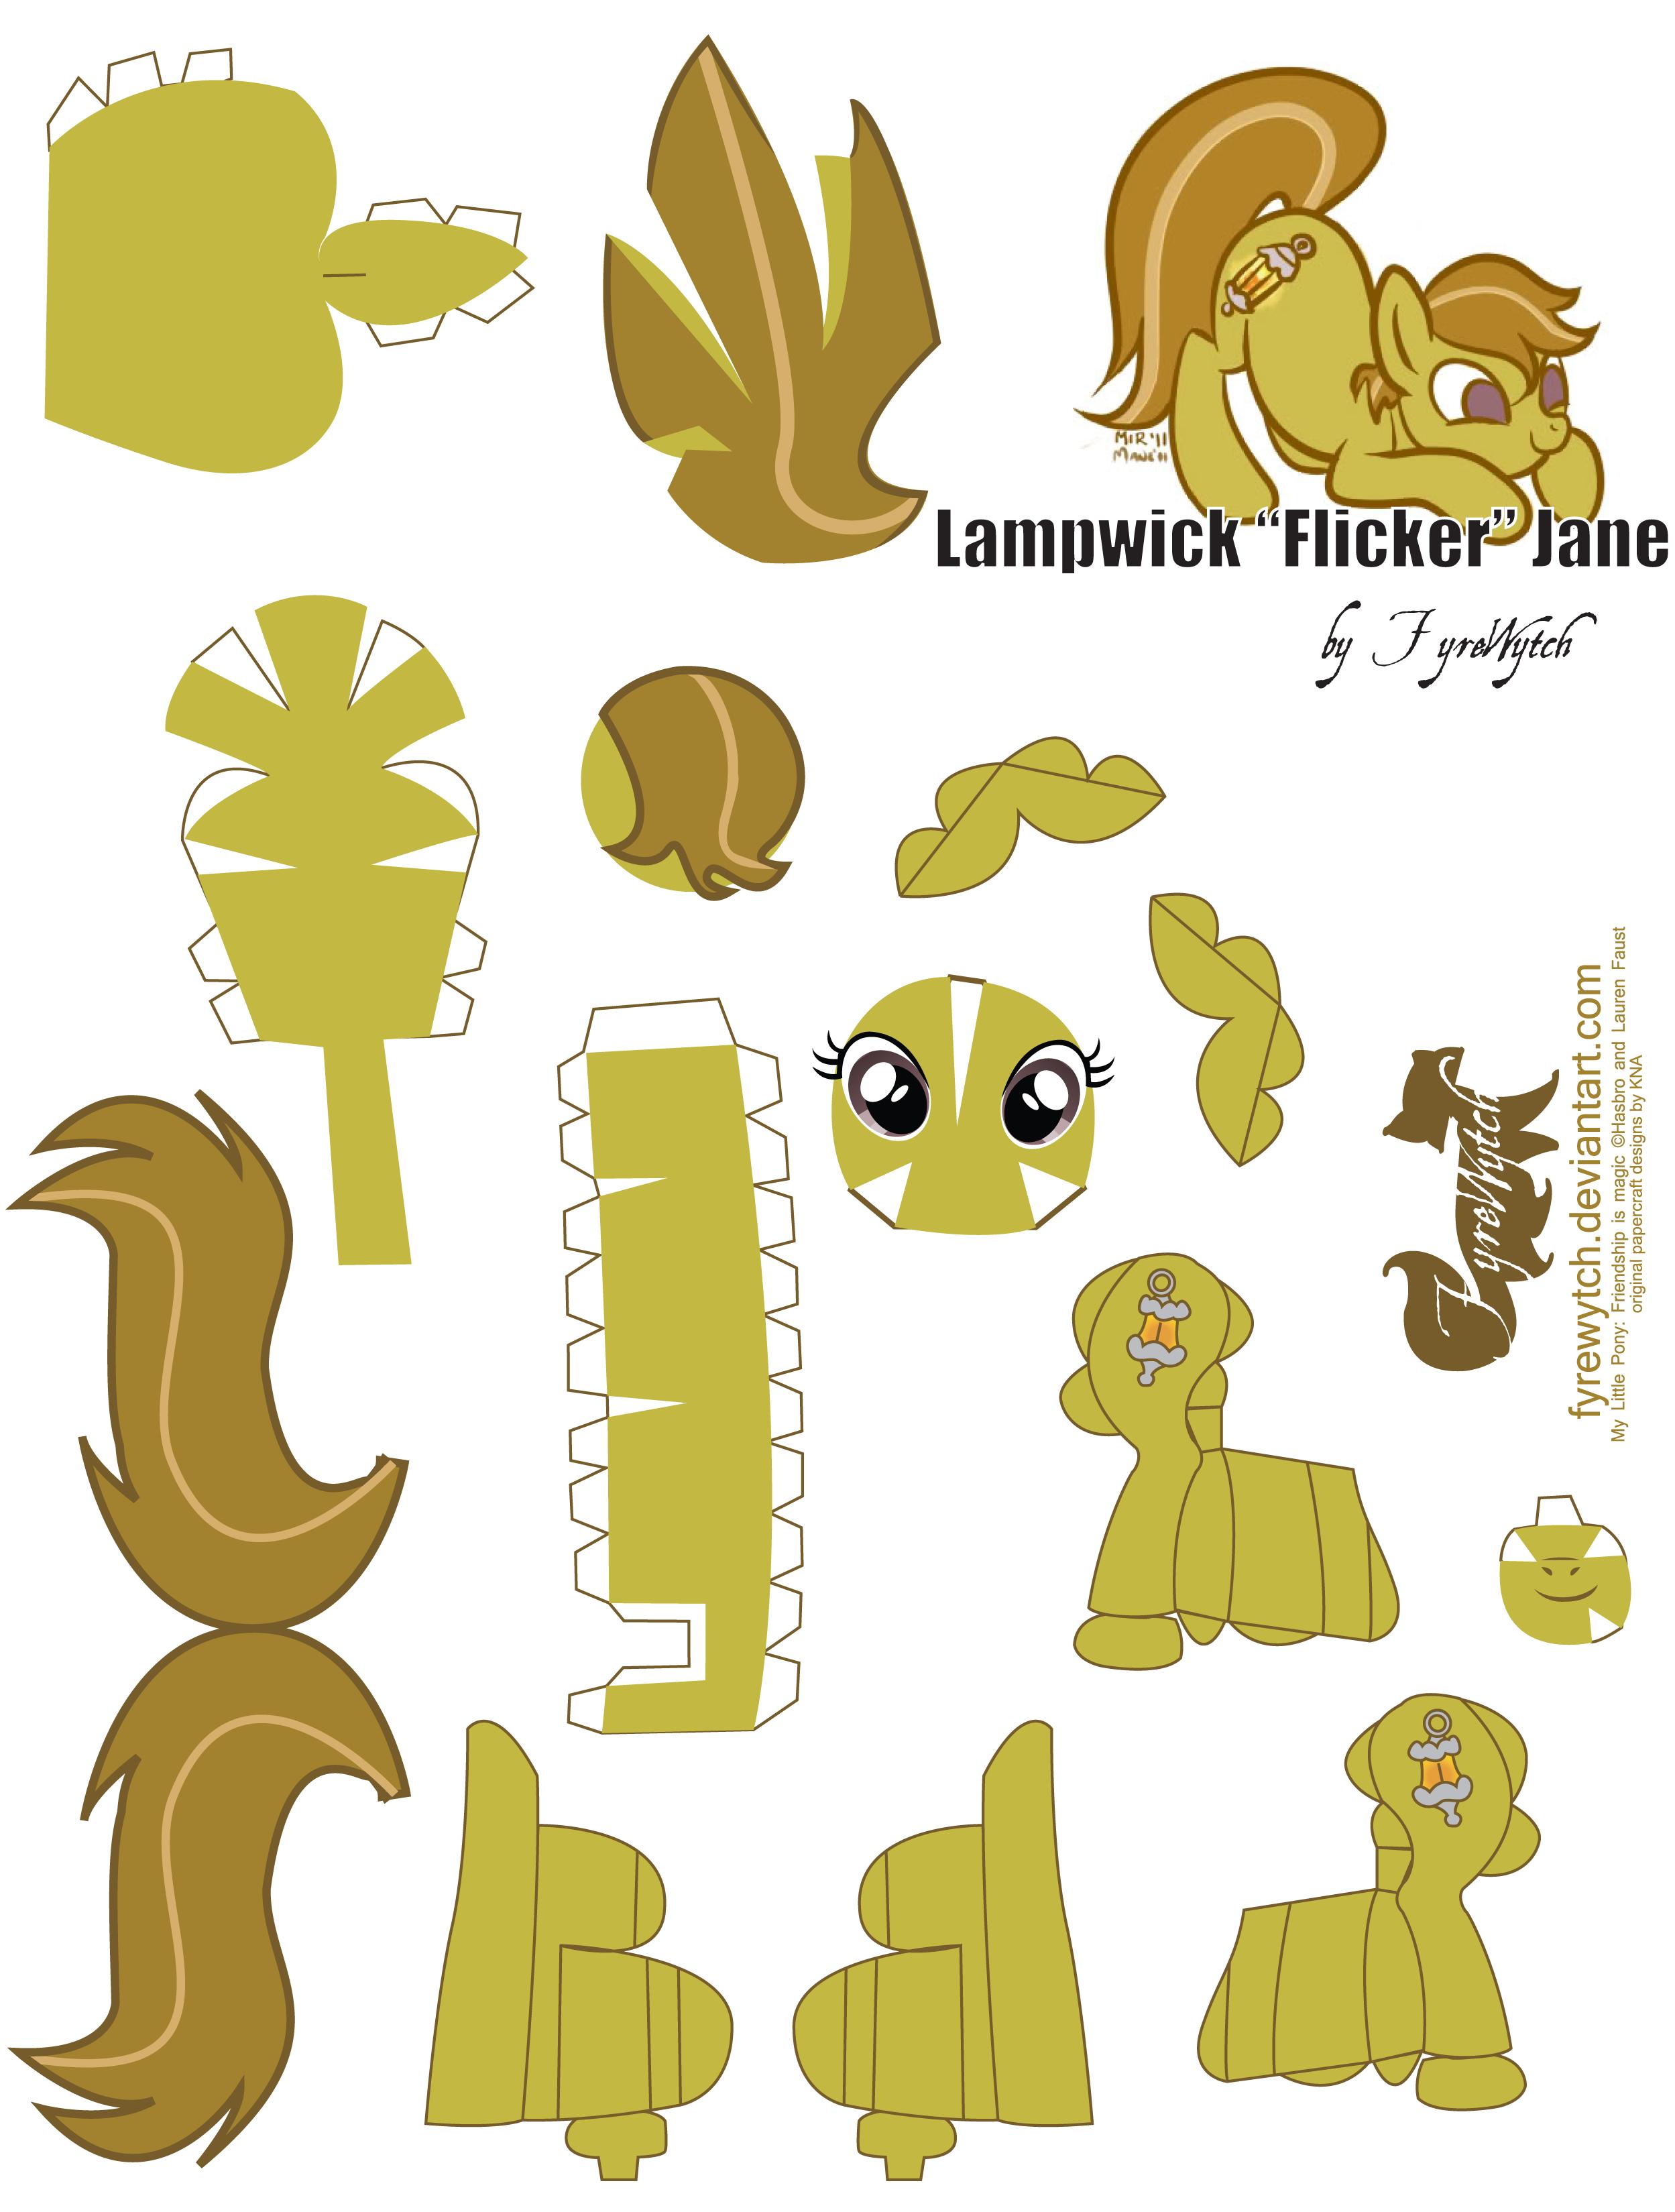 lampwick_flicker_jane_by_fyrewytch-d50wm3s.png